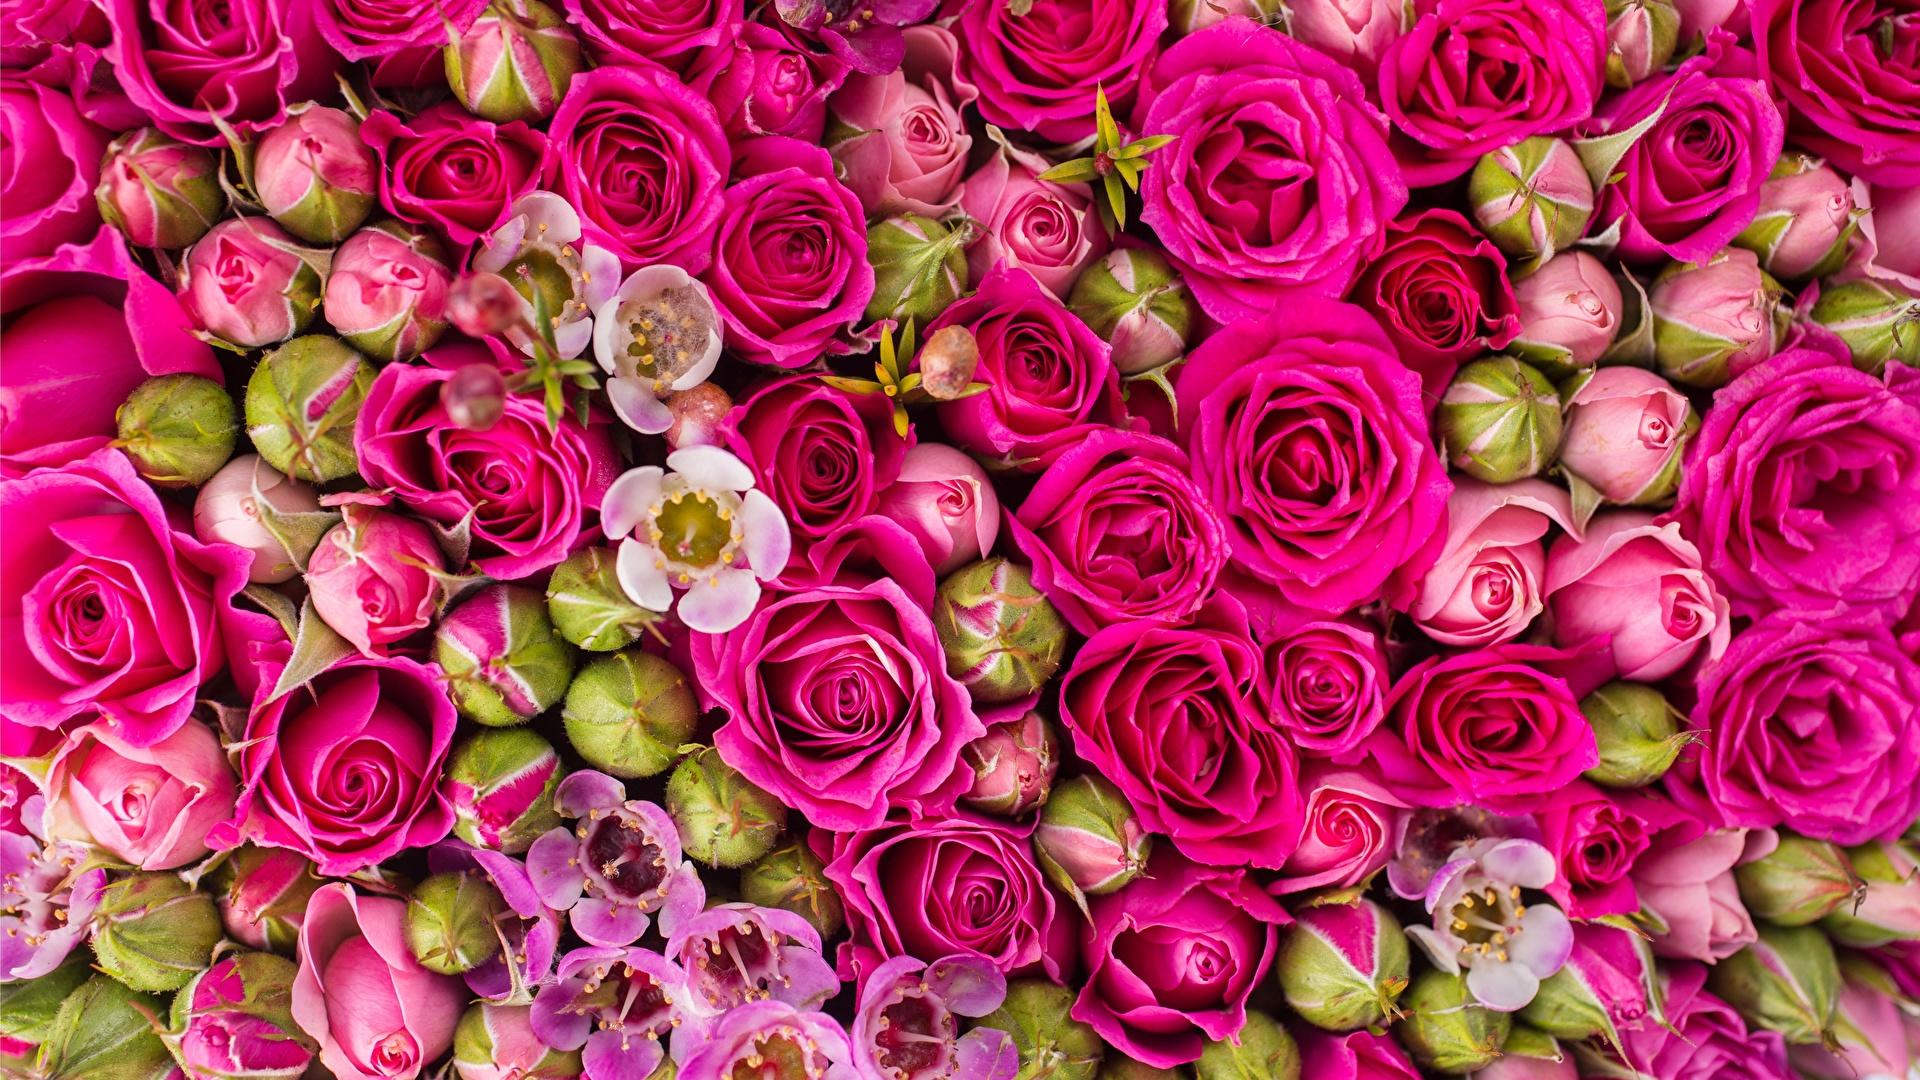 壁紙 1920x1080 テクスチャー バラ ピンク 花 ダウンロード 写真